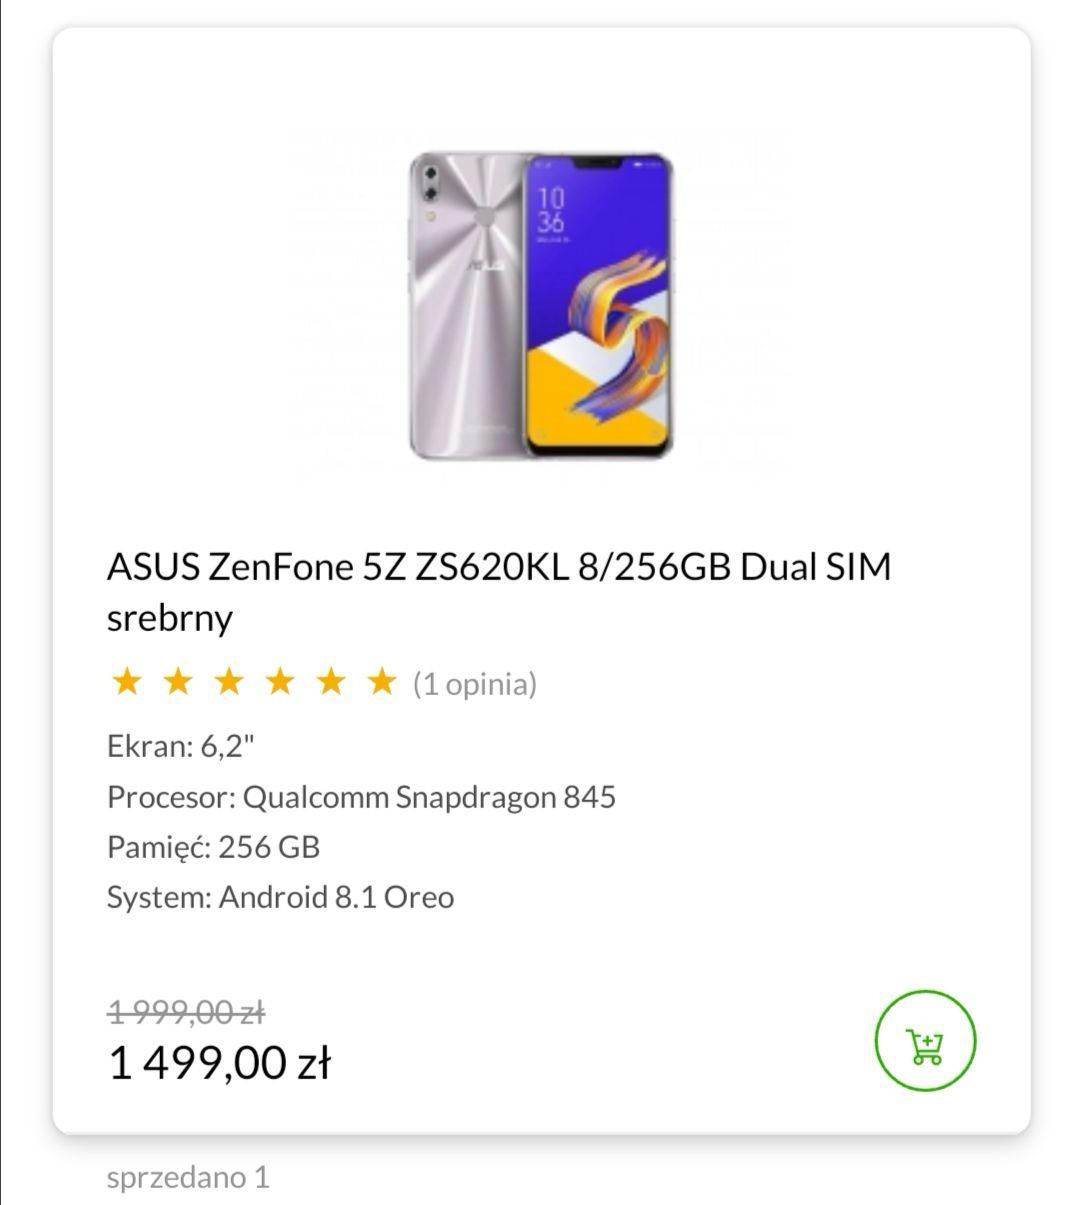 ASUS ZenFone 5Z ZS620KL 8/256GB Dual SIM srebrny X-KOM.PL